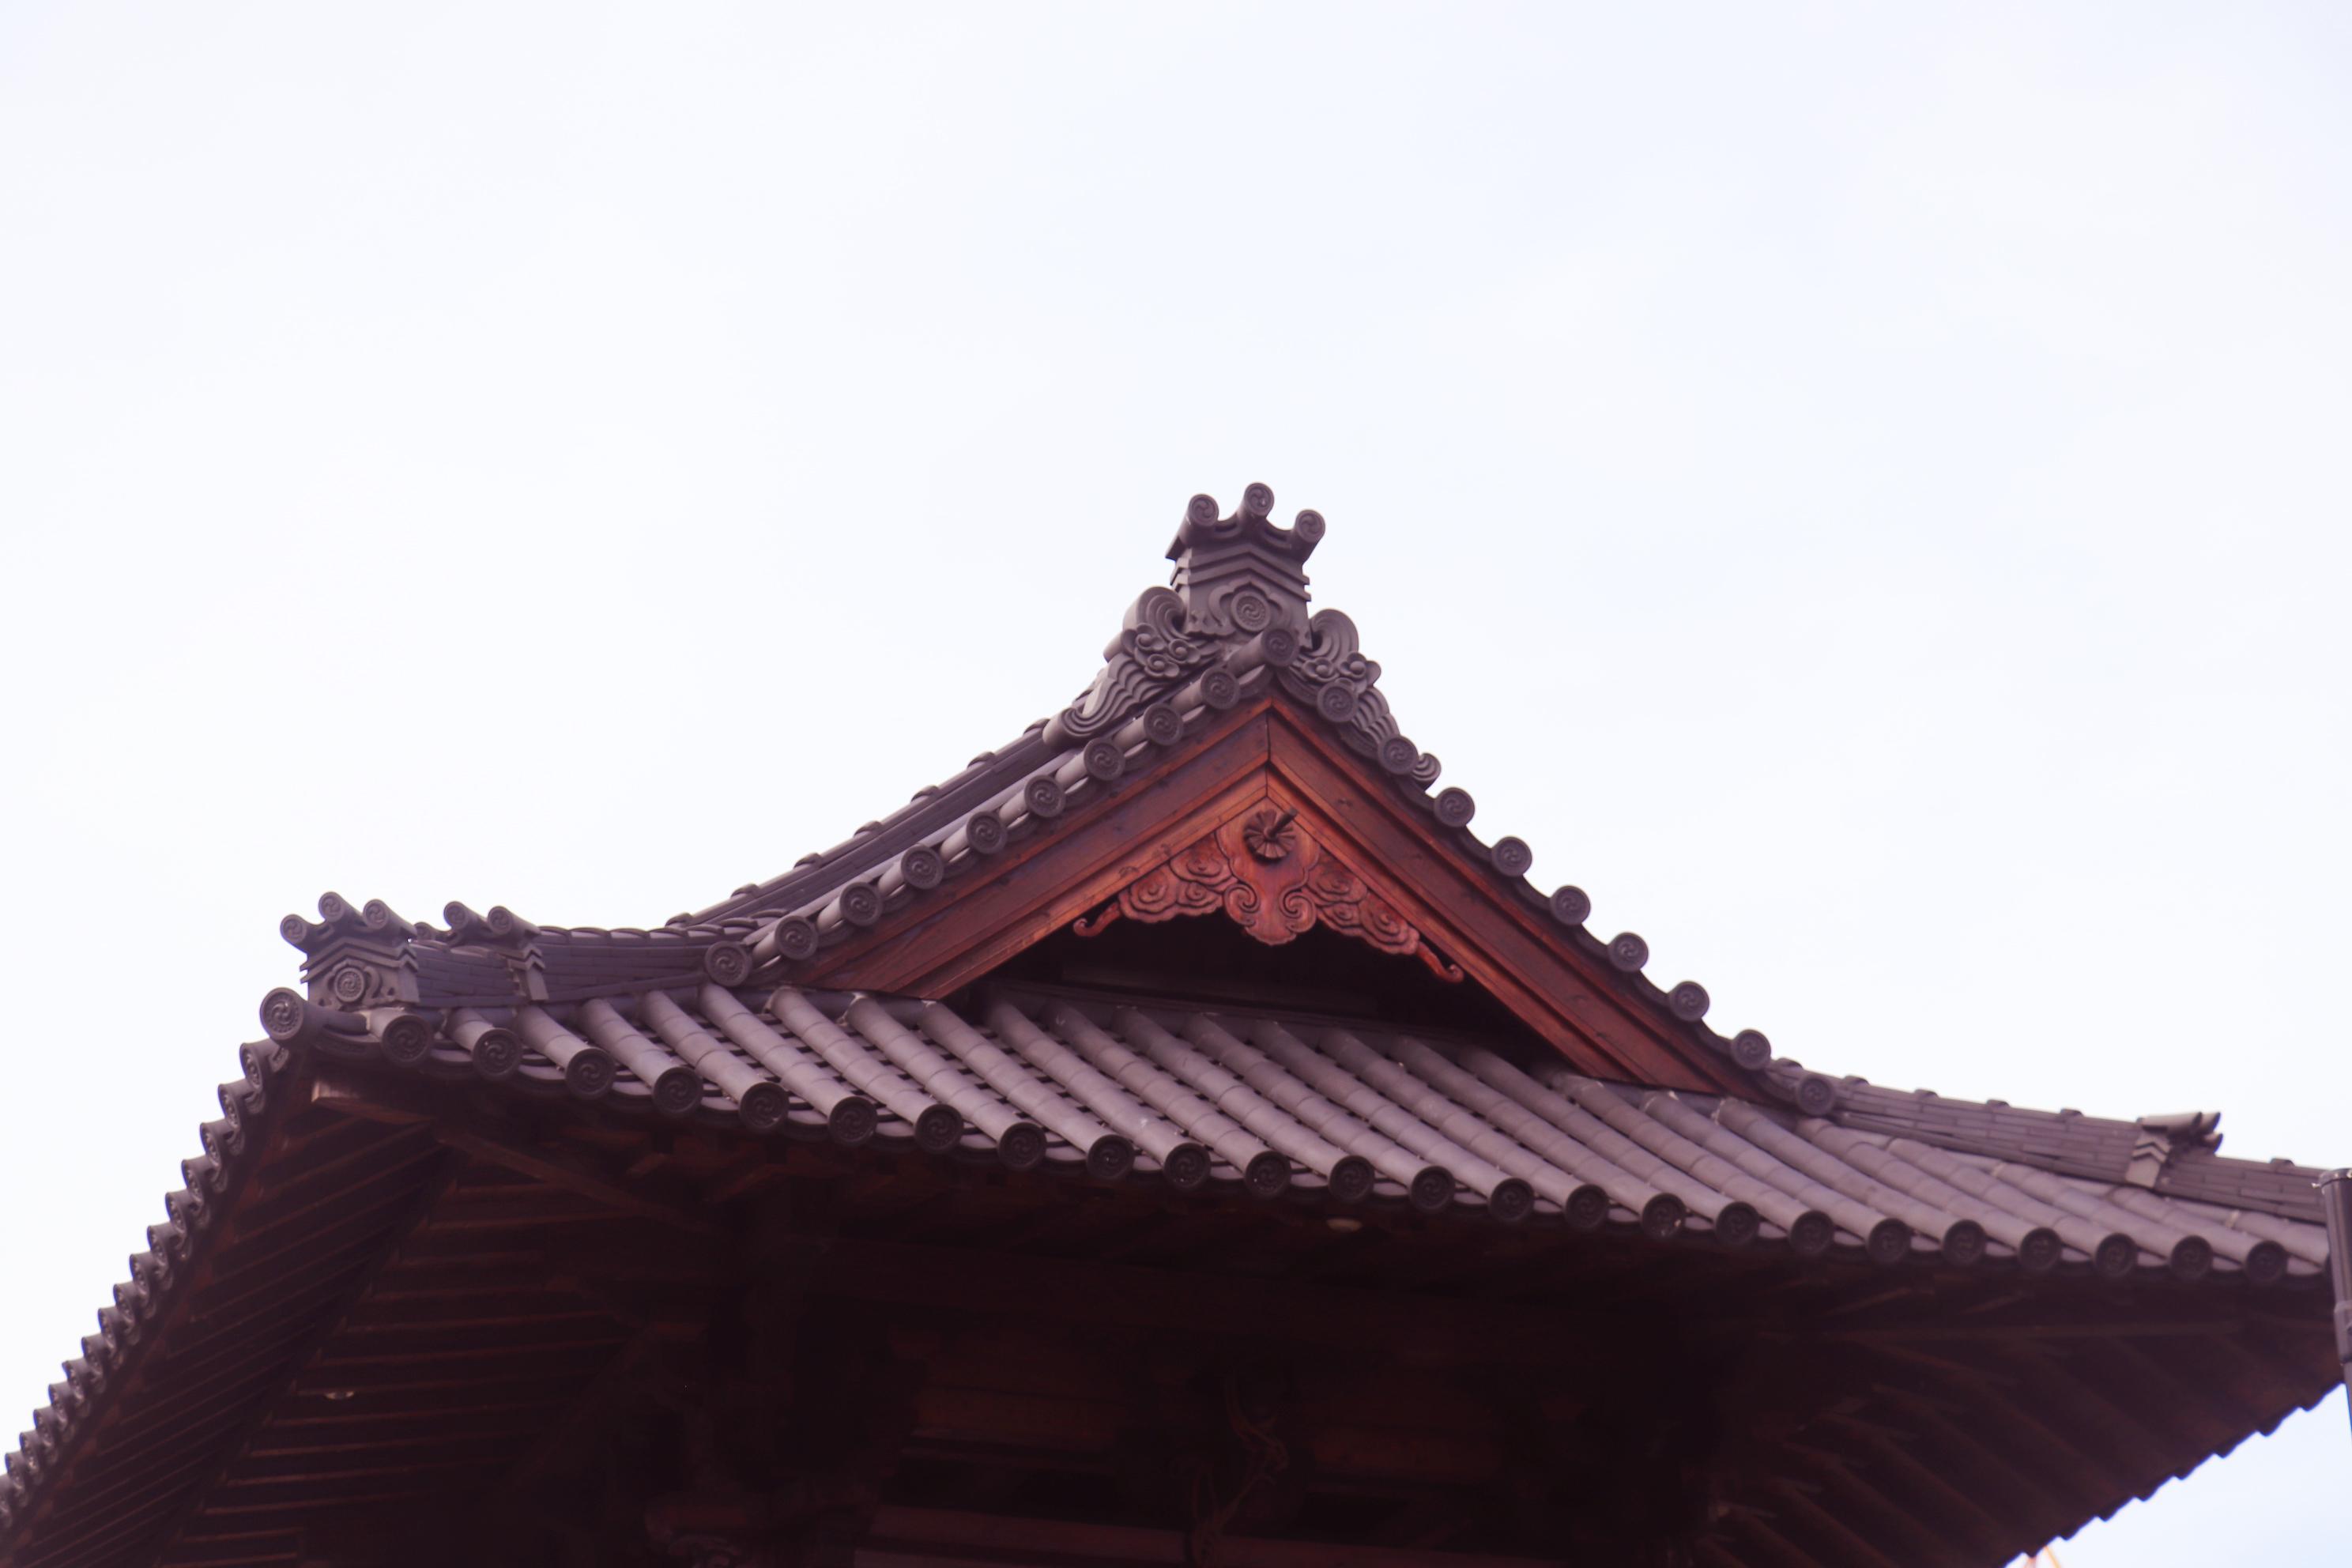 鐘樓頂端的細節。